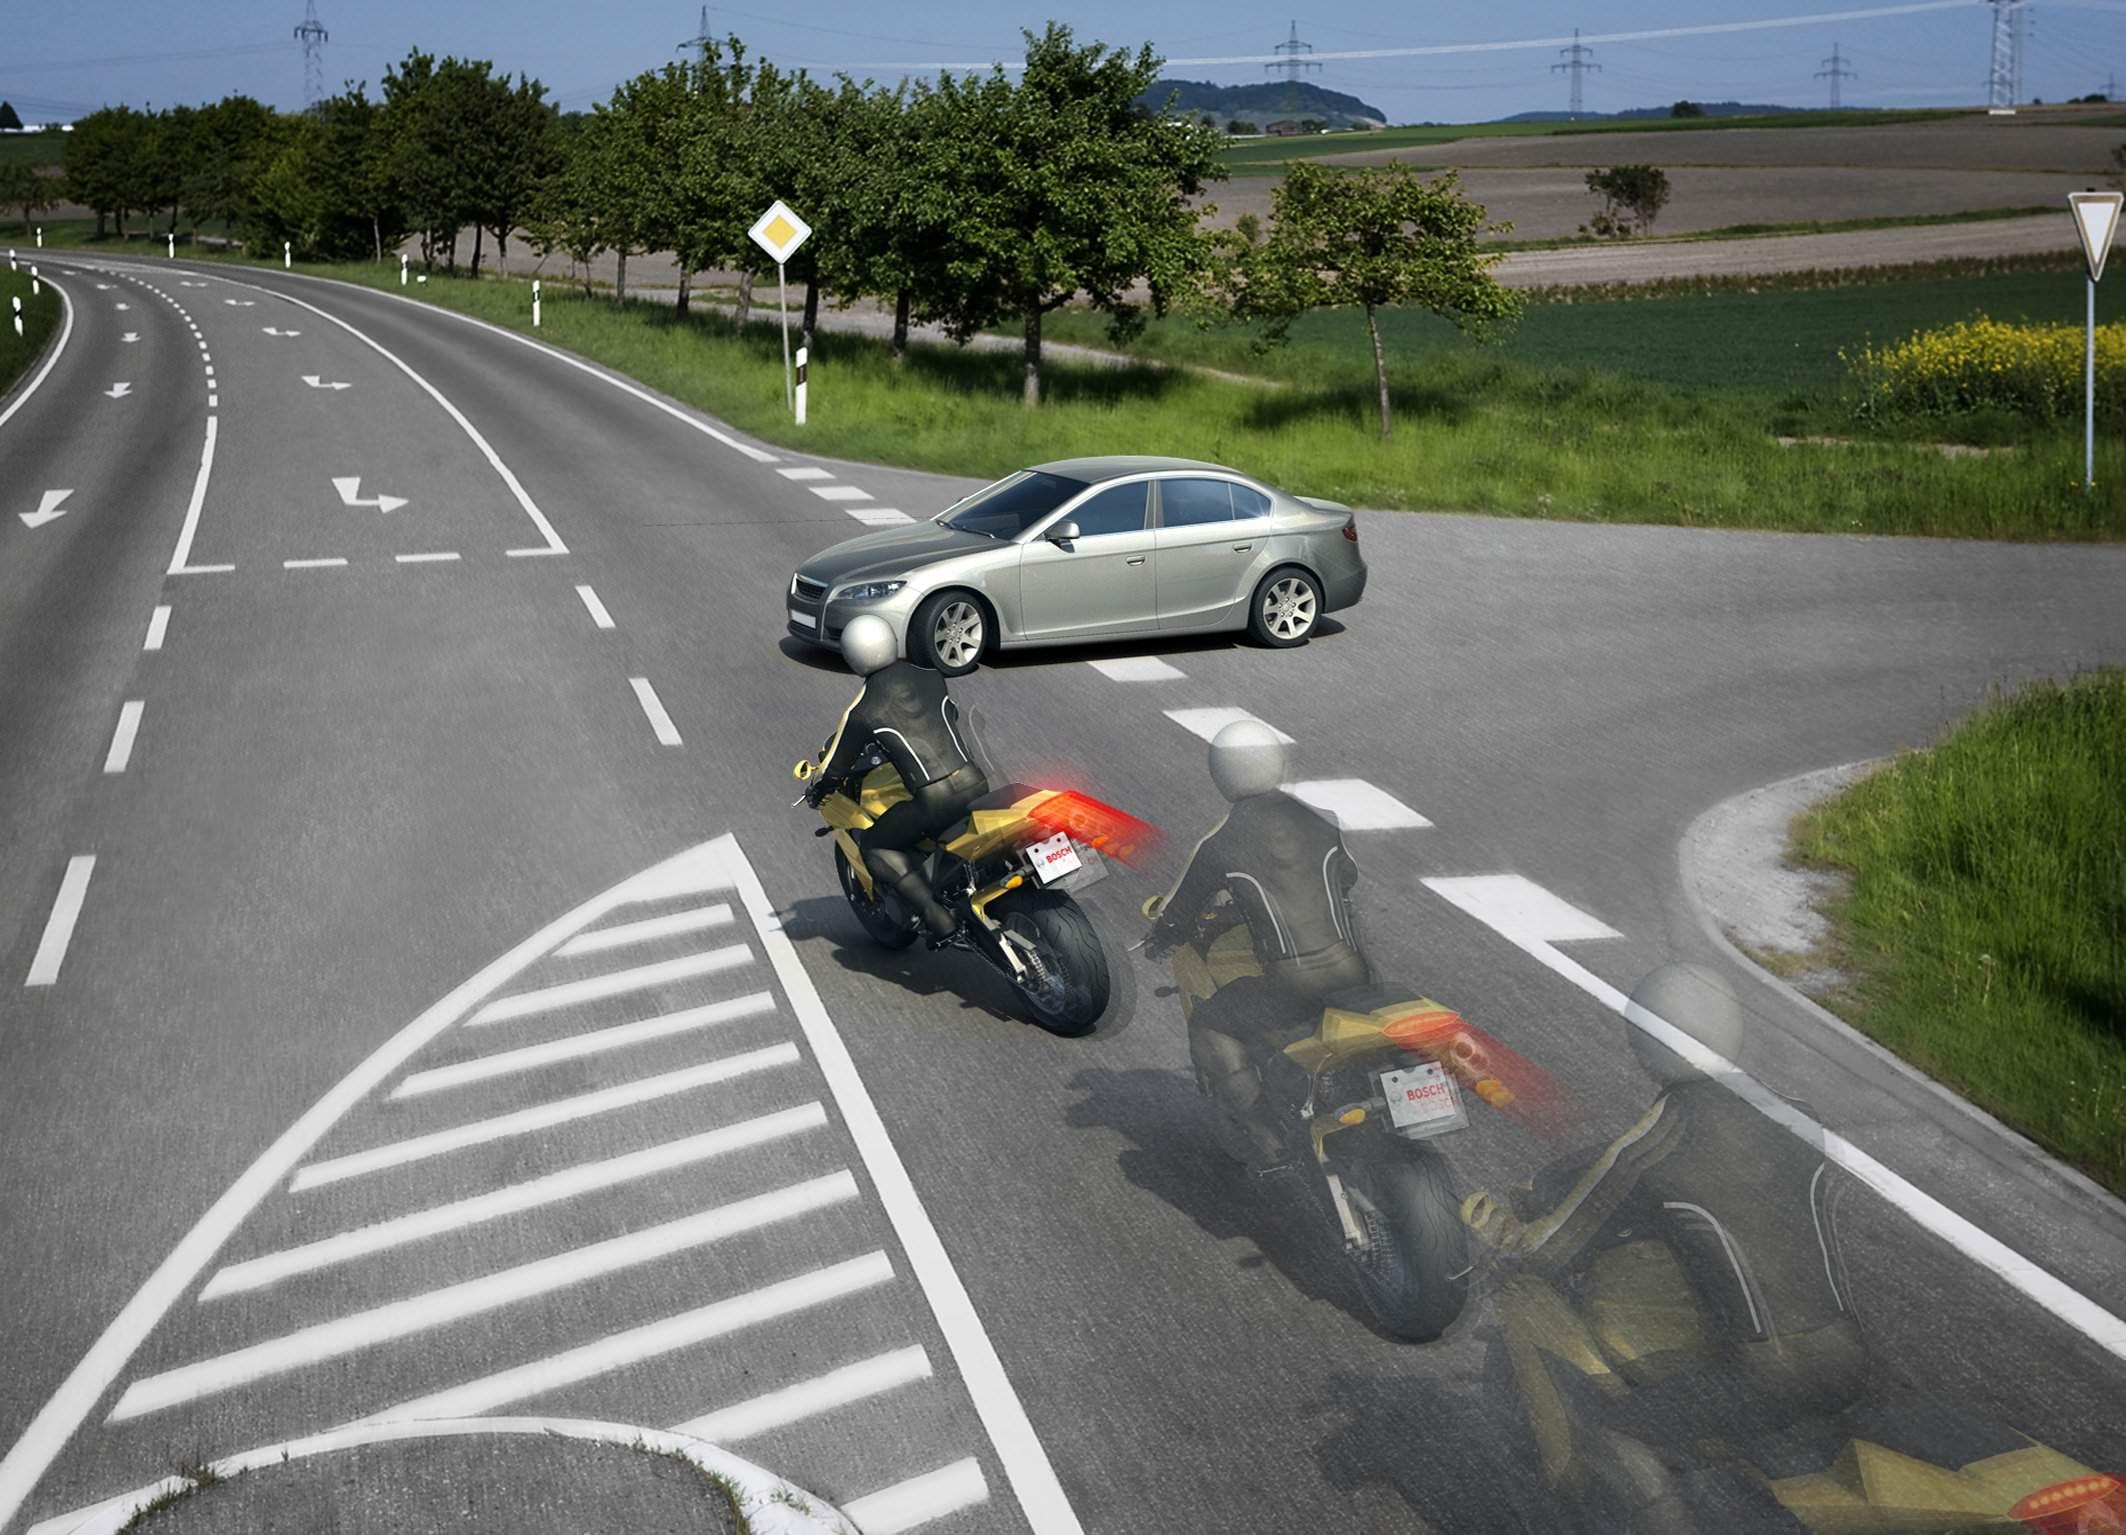 Din 2016, sistemul ABS va fi obligatoriu pentru motociclete